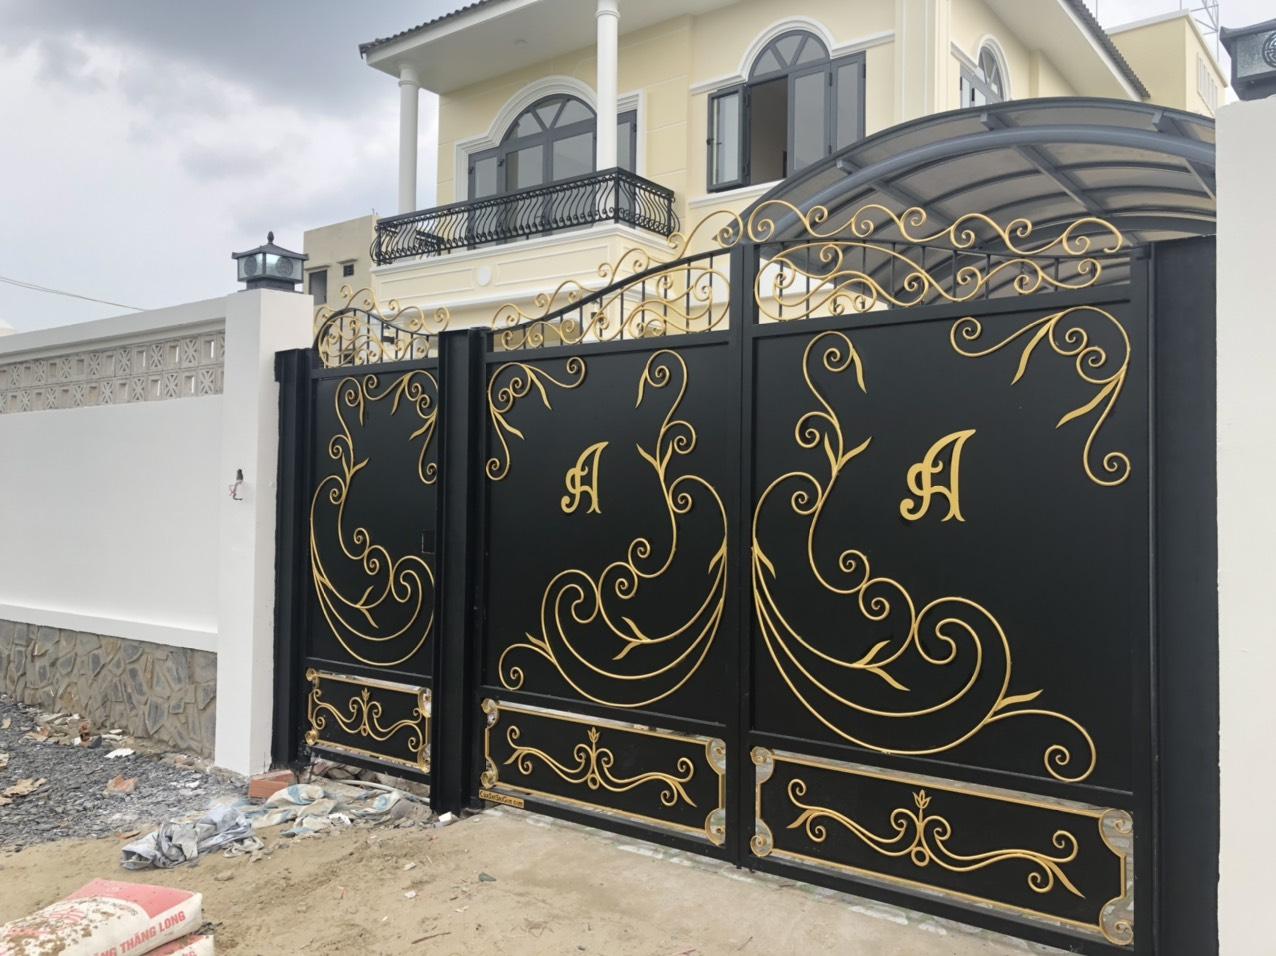 cửa cổng cnc sắt mỹ thuật sài gòn - tphcm